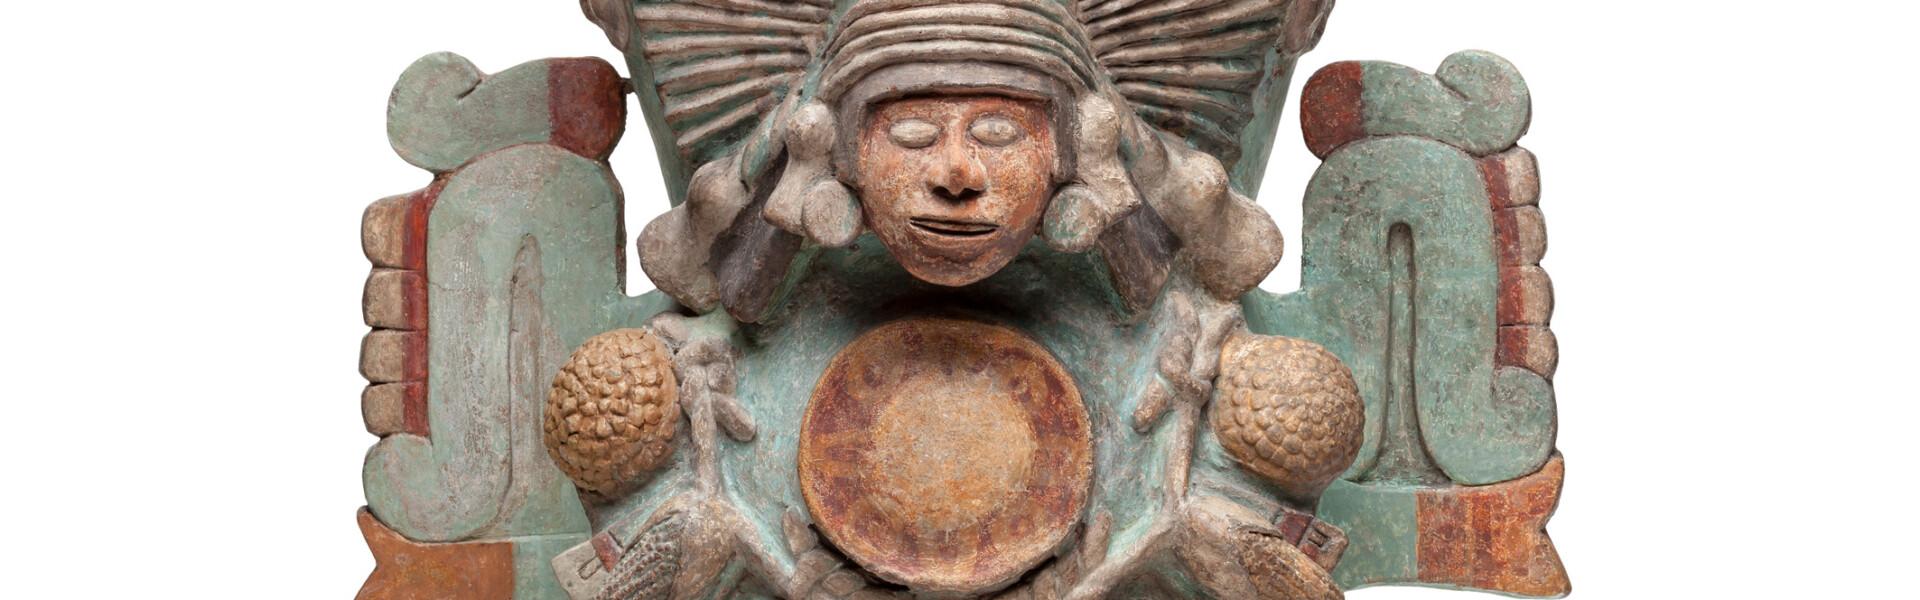 Incense burner in the shape of the water and fertility goddess Chalchiuhtlicue © Museo Nacional de Antropología, Mexico City, D.R. Secretaría de Cultura - INAH; Photo: D.R. Archivo Digital de las Colecciones del Museo Nacional de Antropología, Secretaría de Cultura - INAH